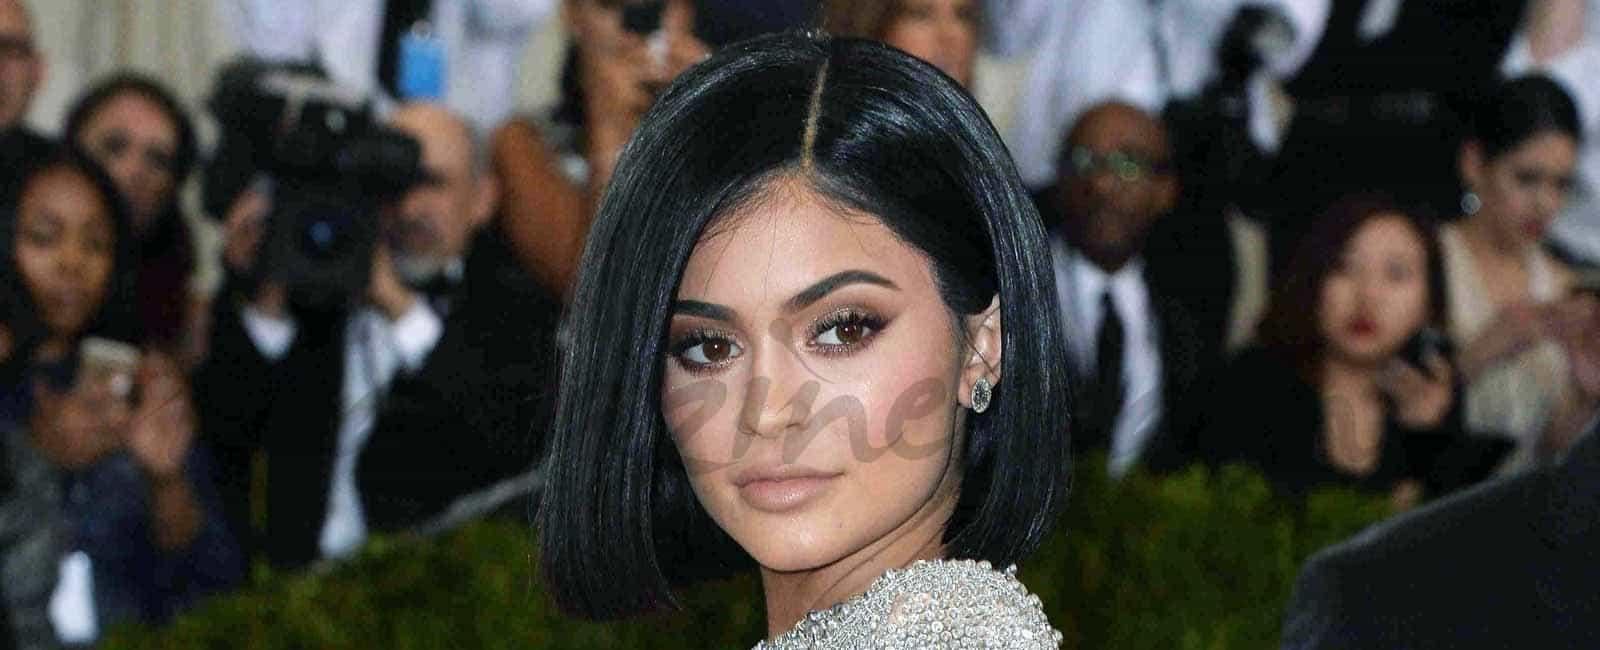 Kylie Jenner la adolescente más influyente del mundo